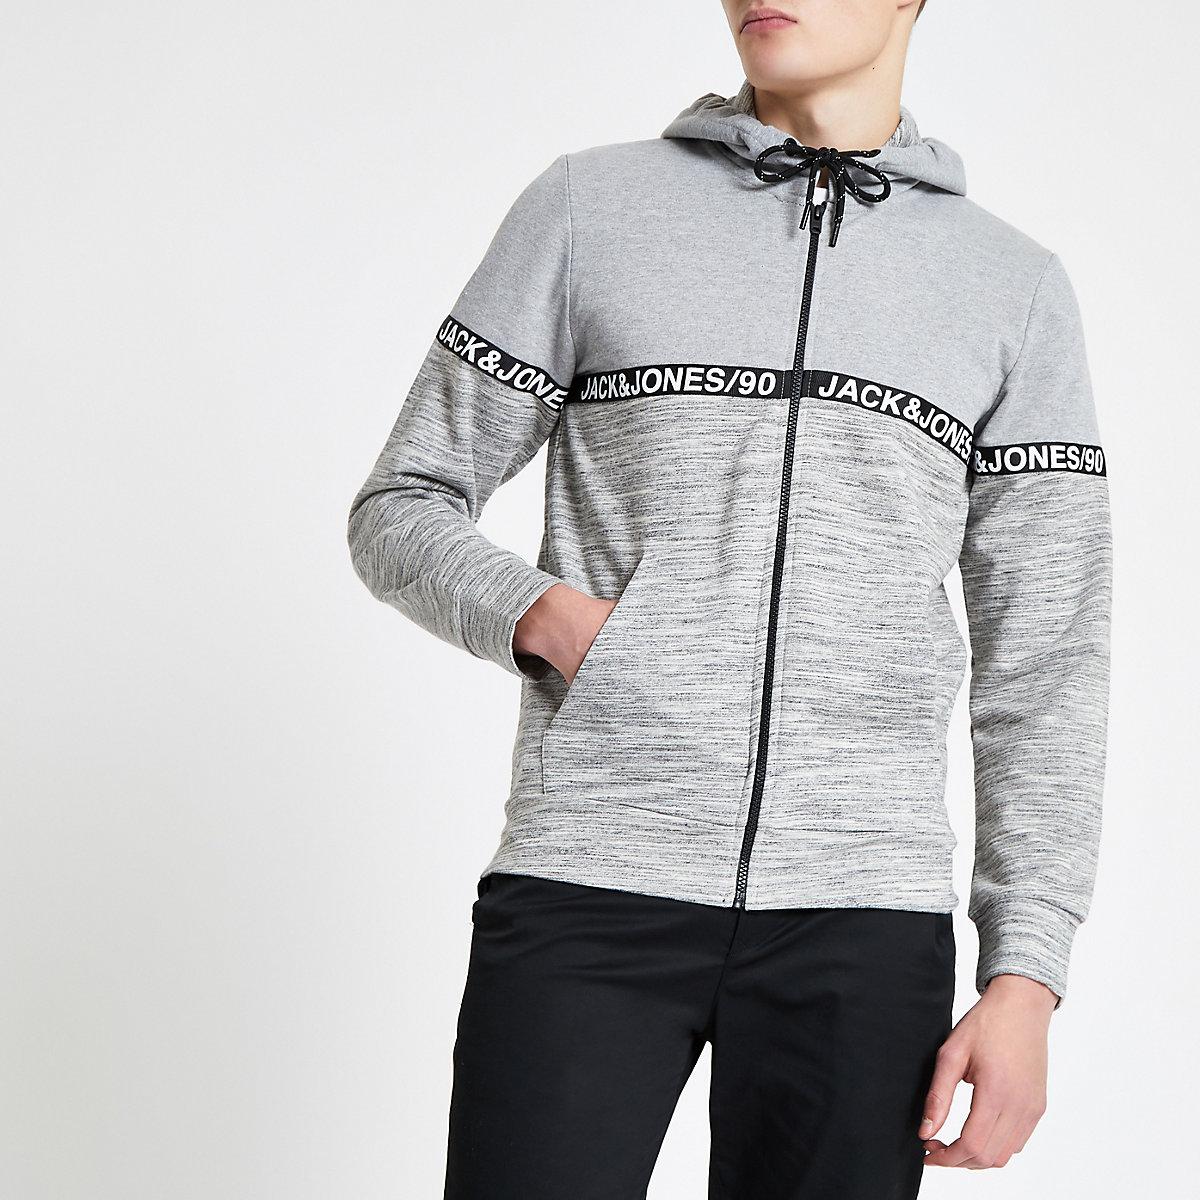 Jack & Jones grey zip front hoodie